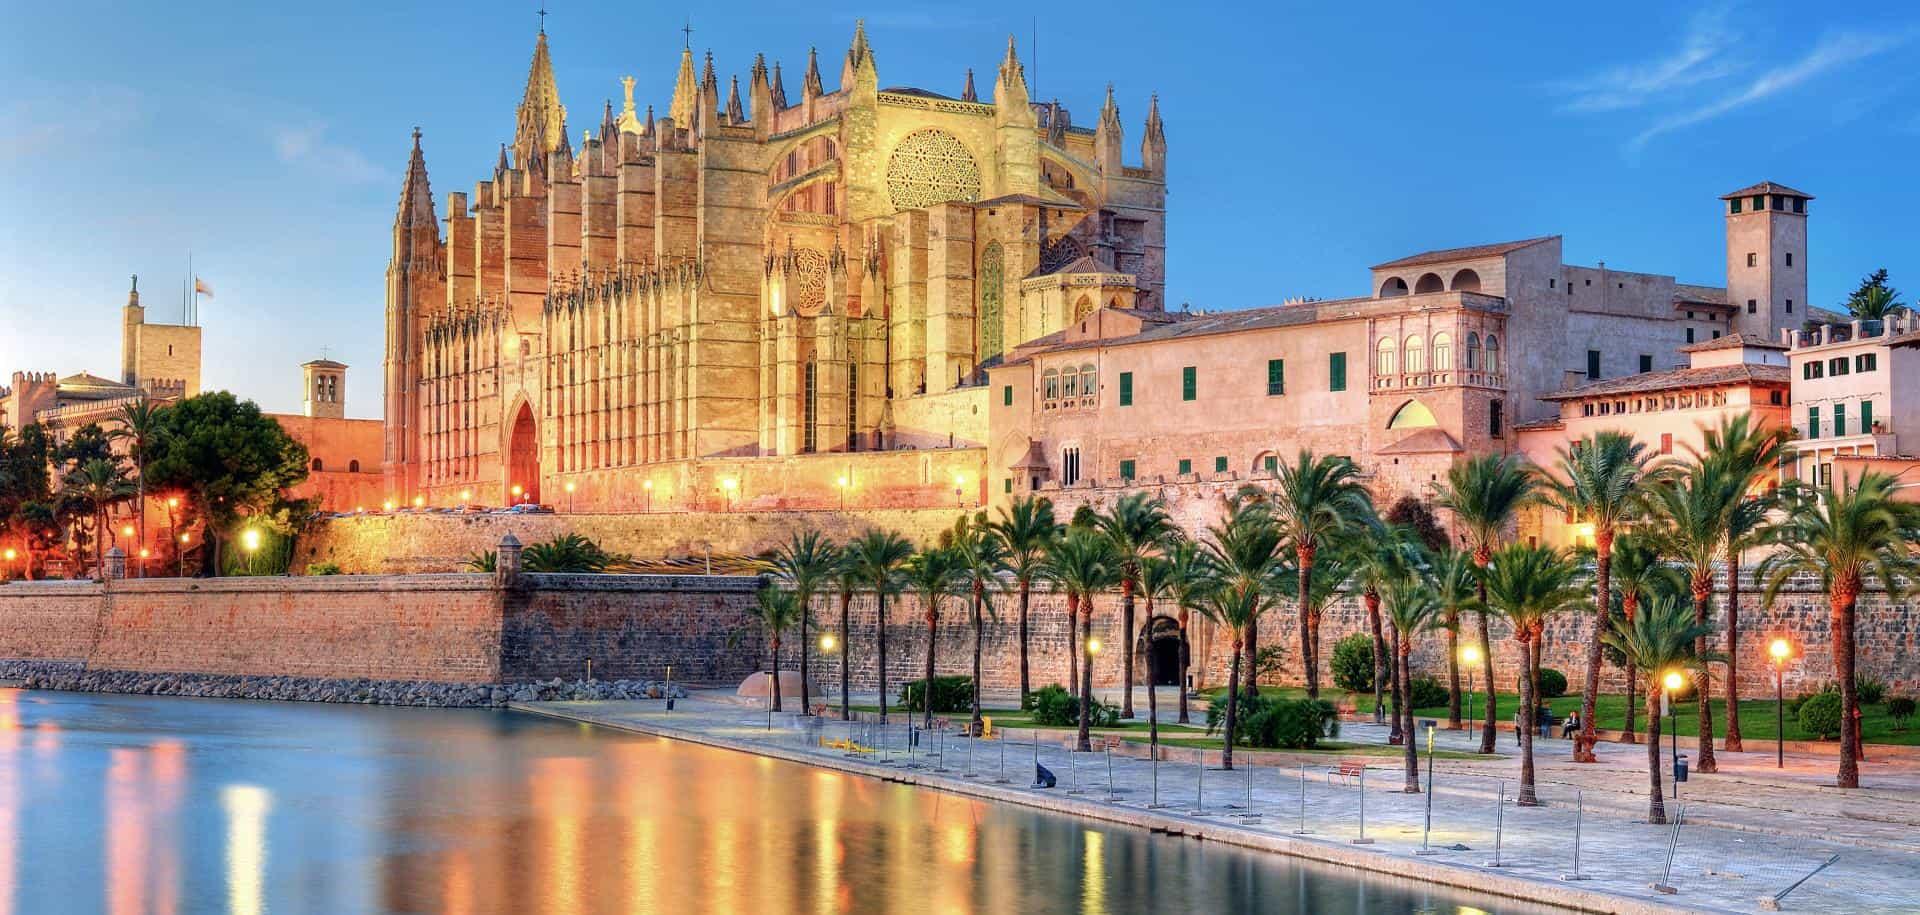 مكان جميل في أسبانيا